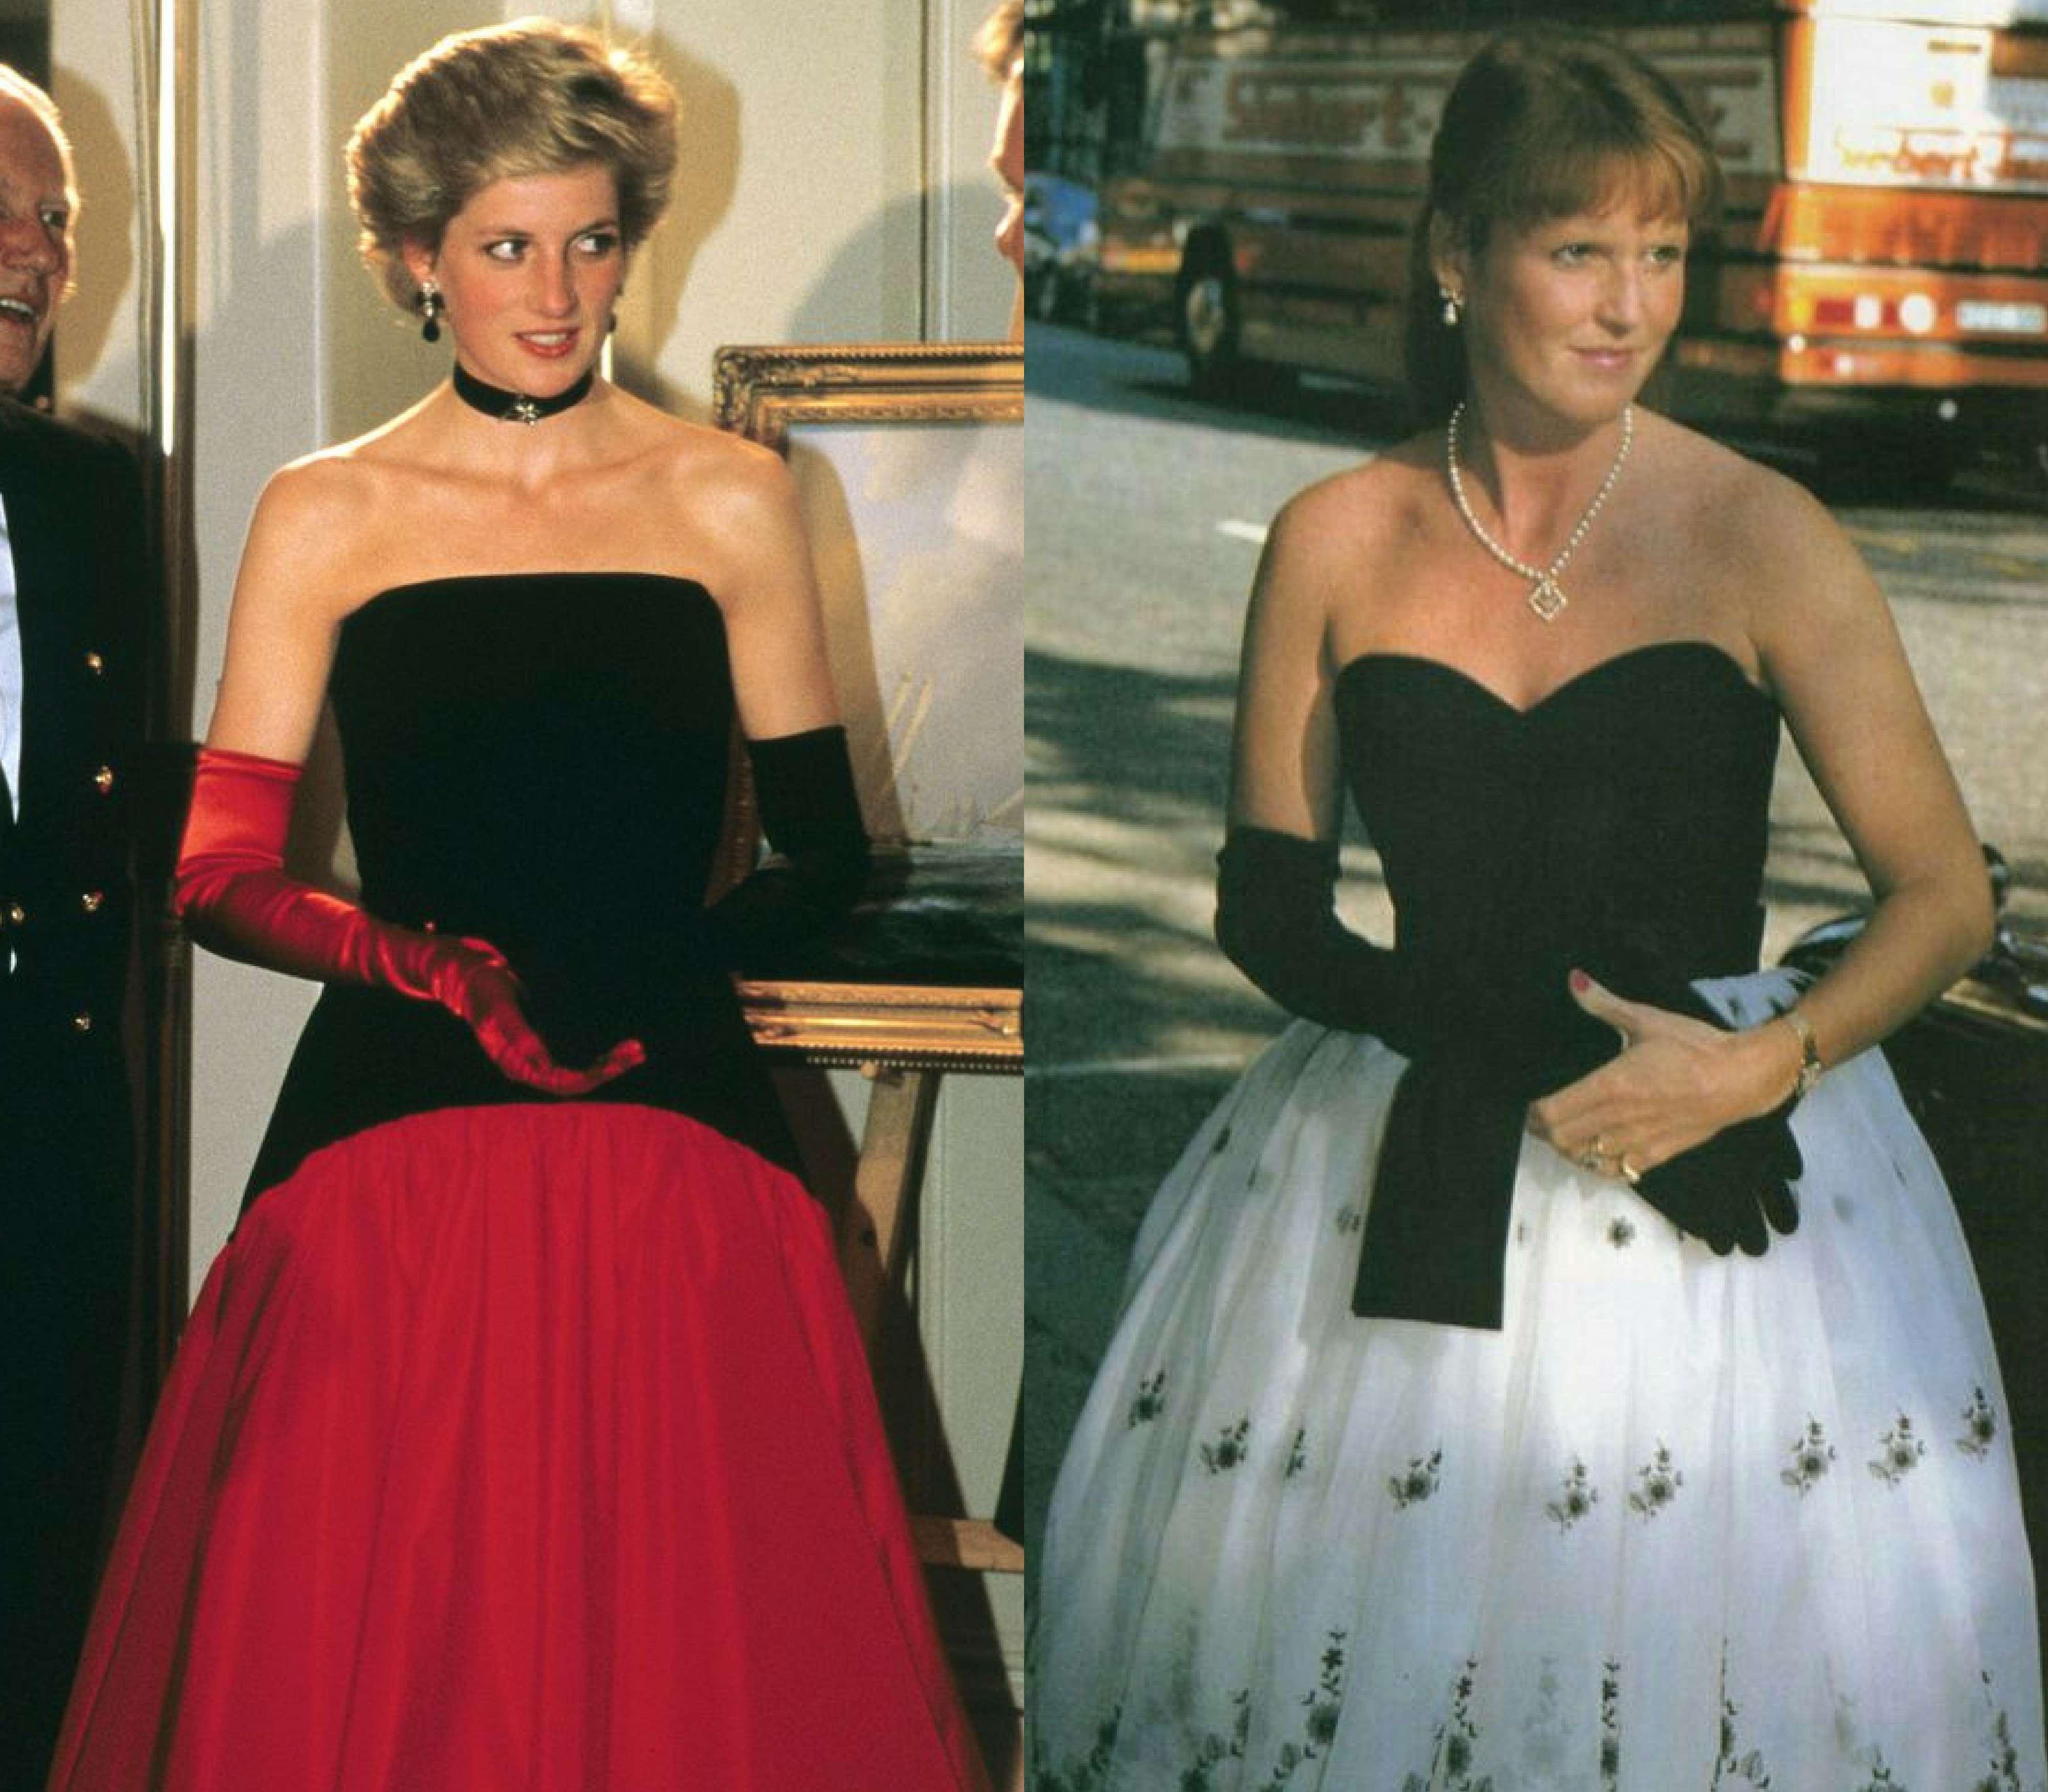 phong cách thời trang của hai thế hệ công nương hoàng gia Anh 18